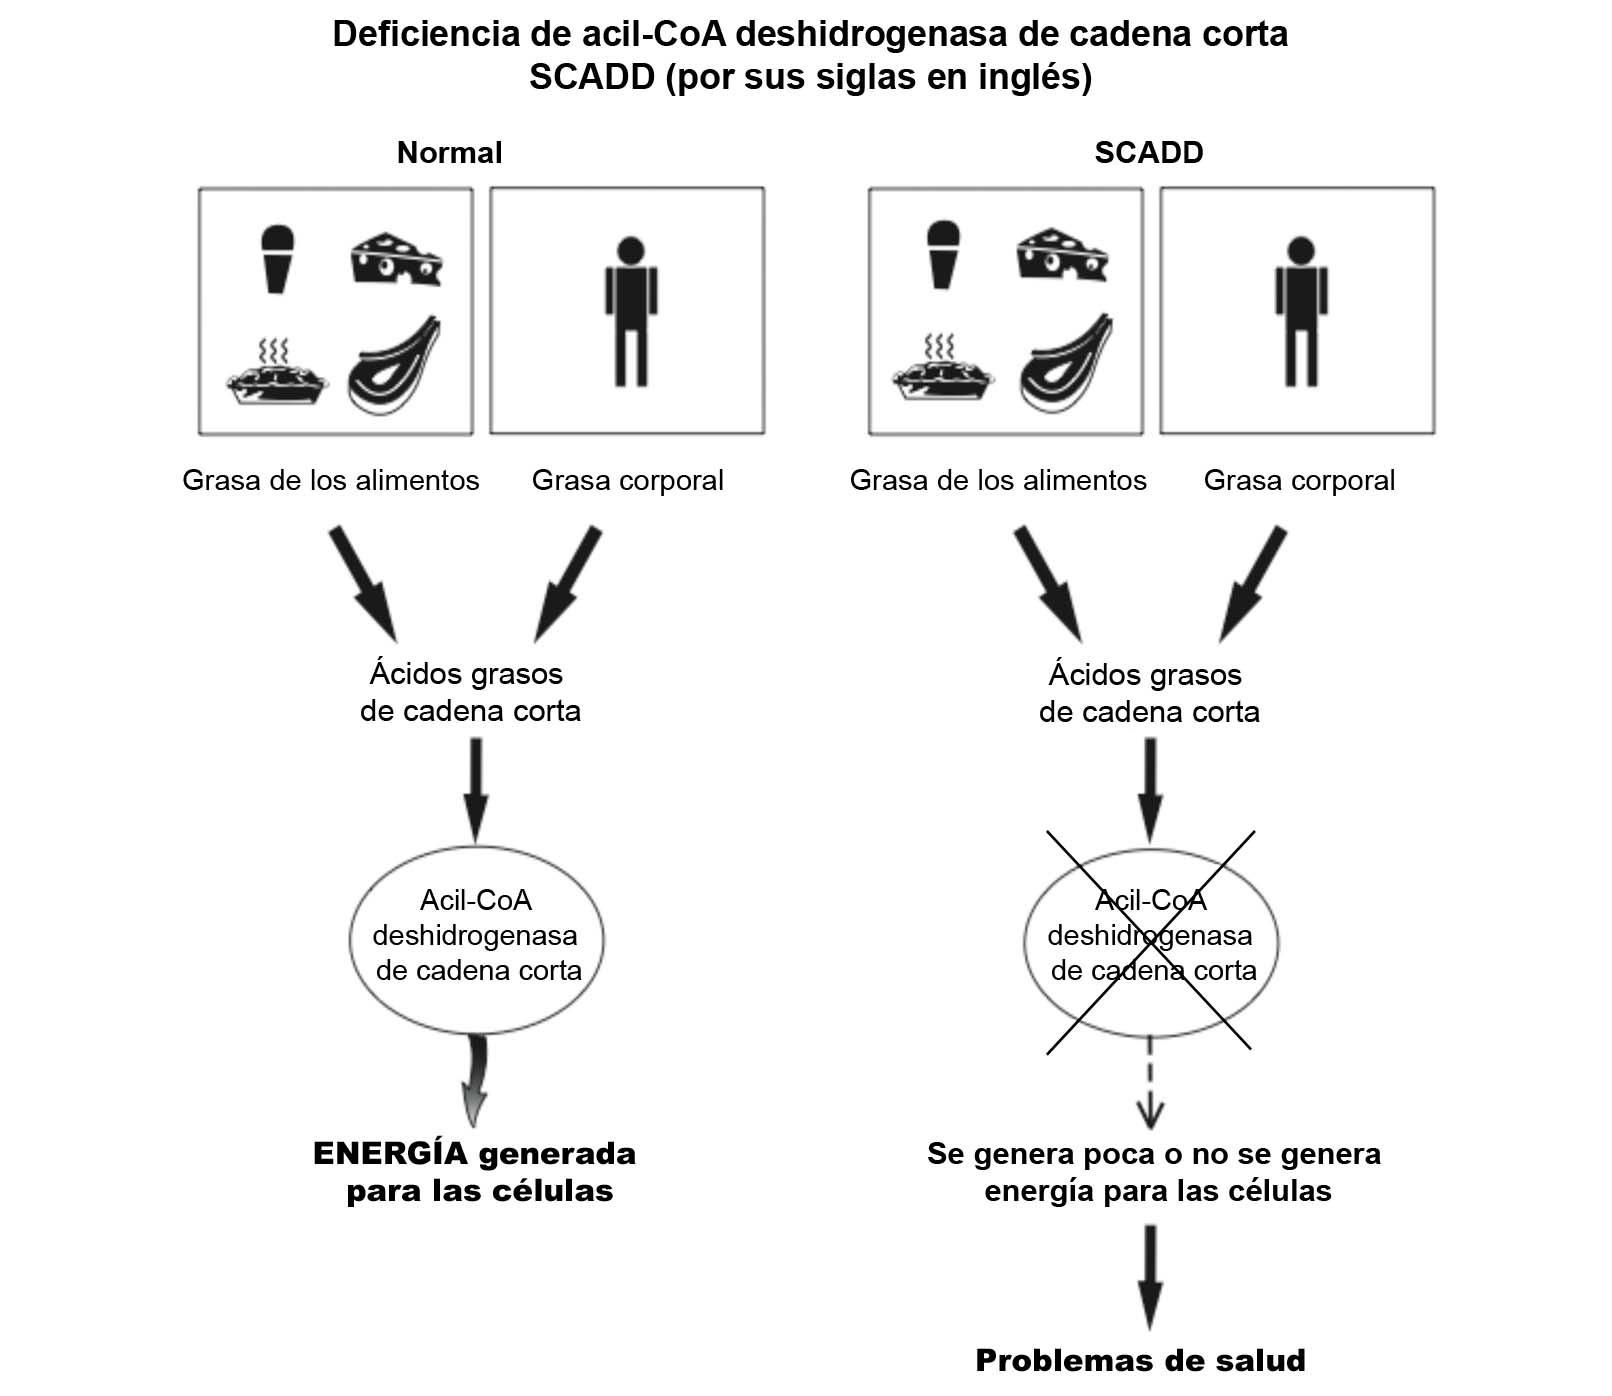 SCADD Diagram